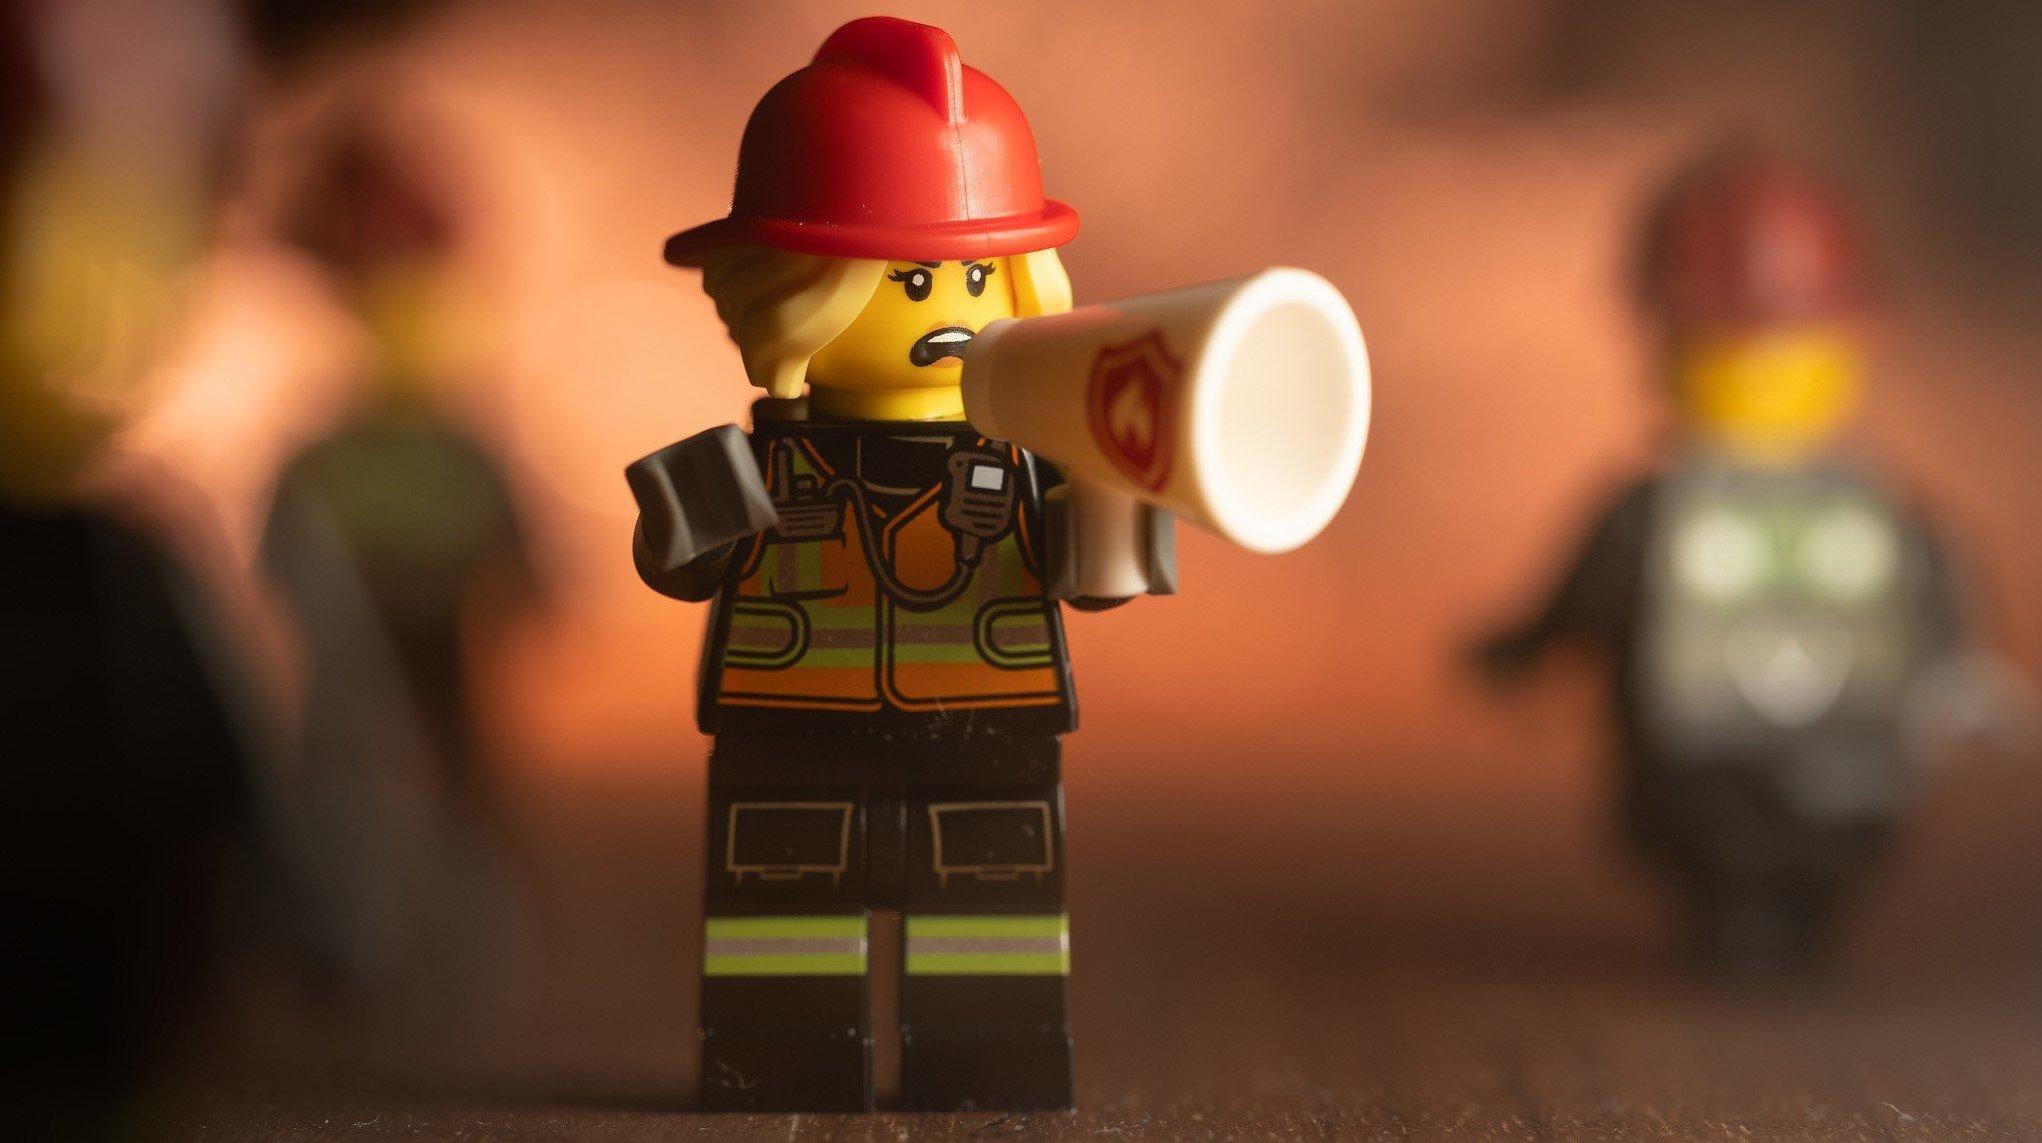 A LEGO Firefighter on a bullhorn.